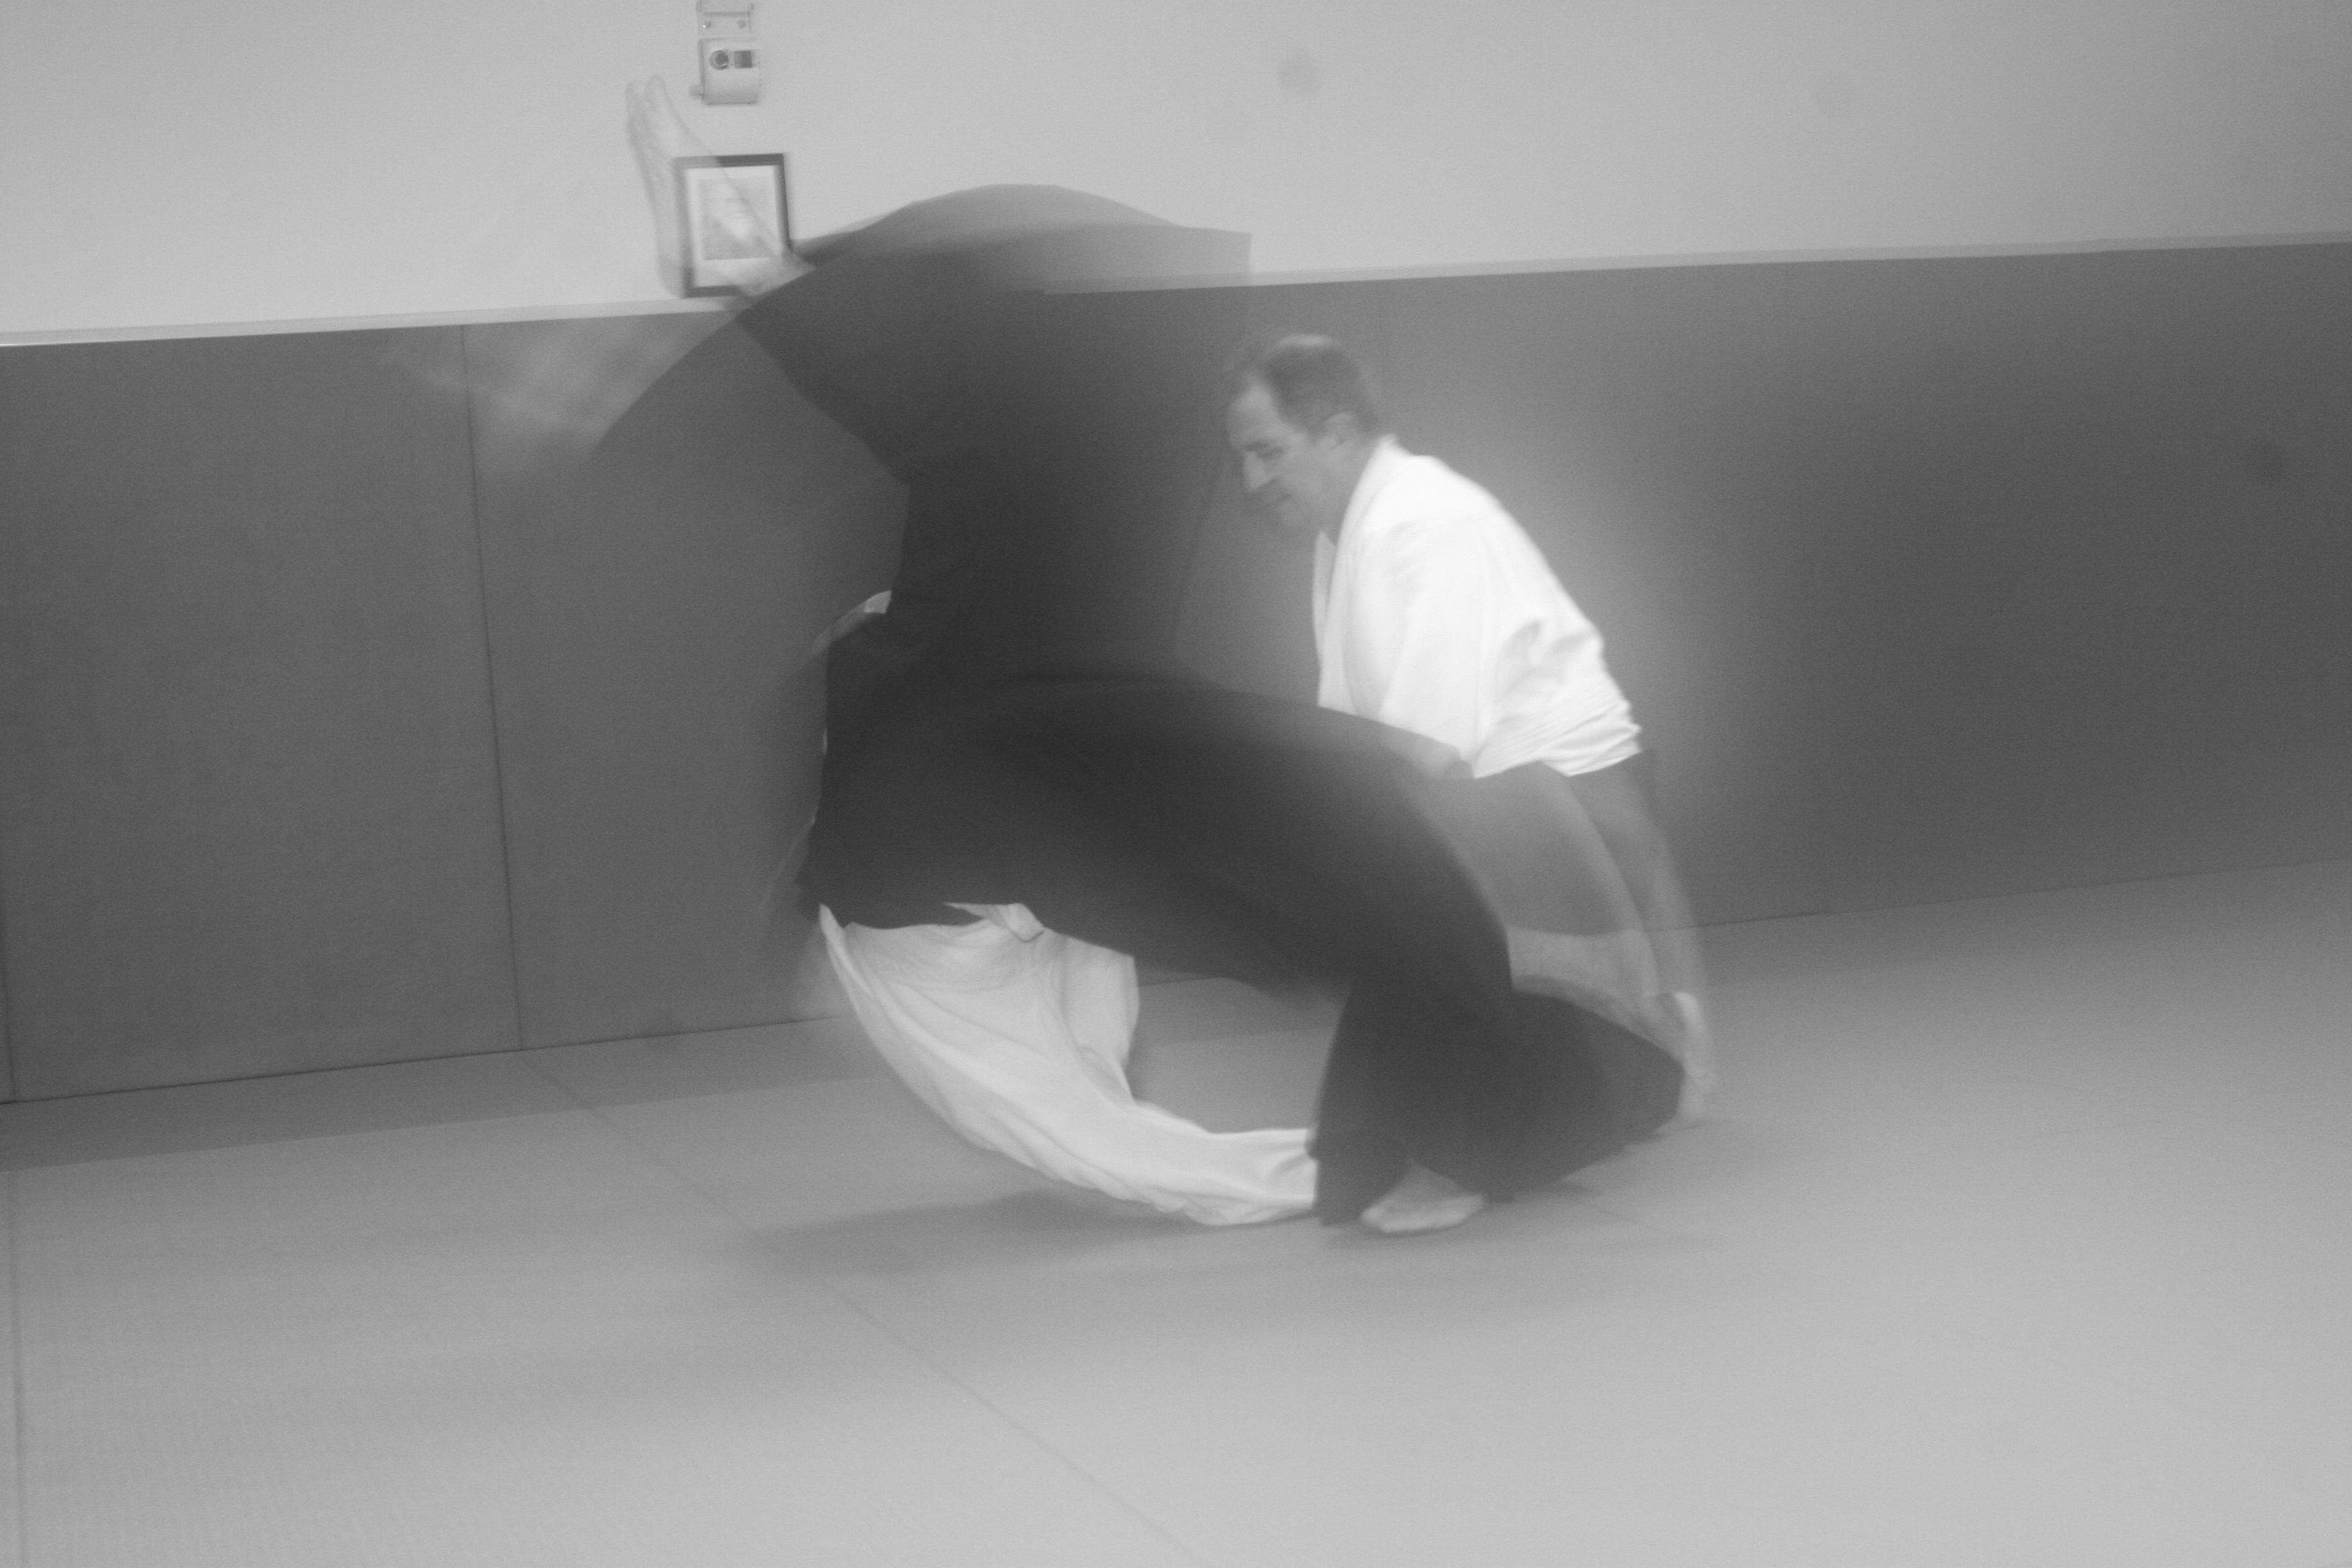 ADAP - Association pour le developpement de l'aikido en provence